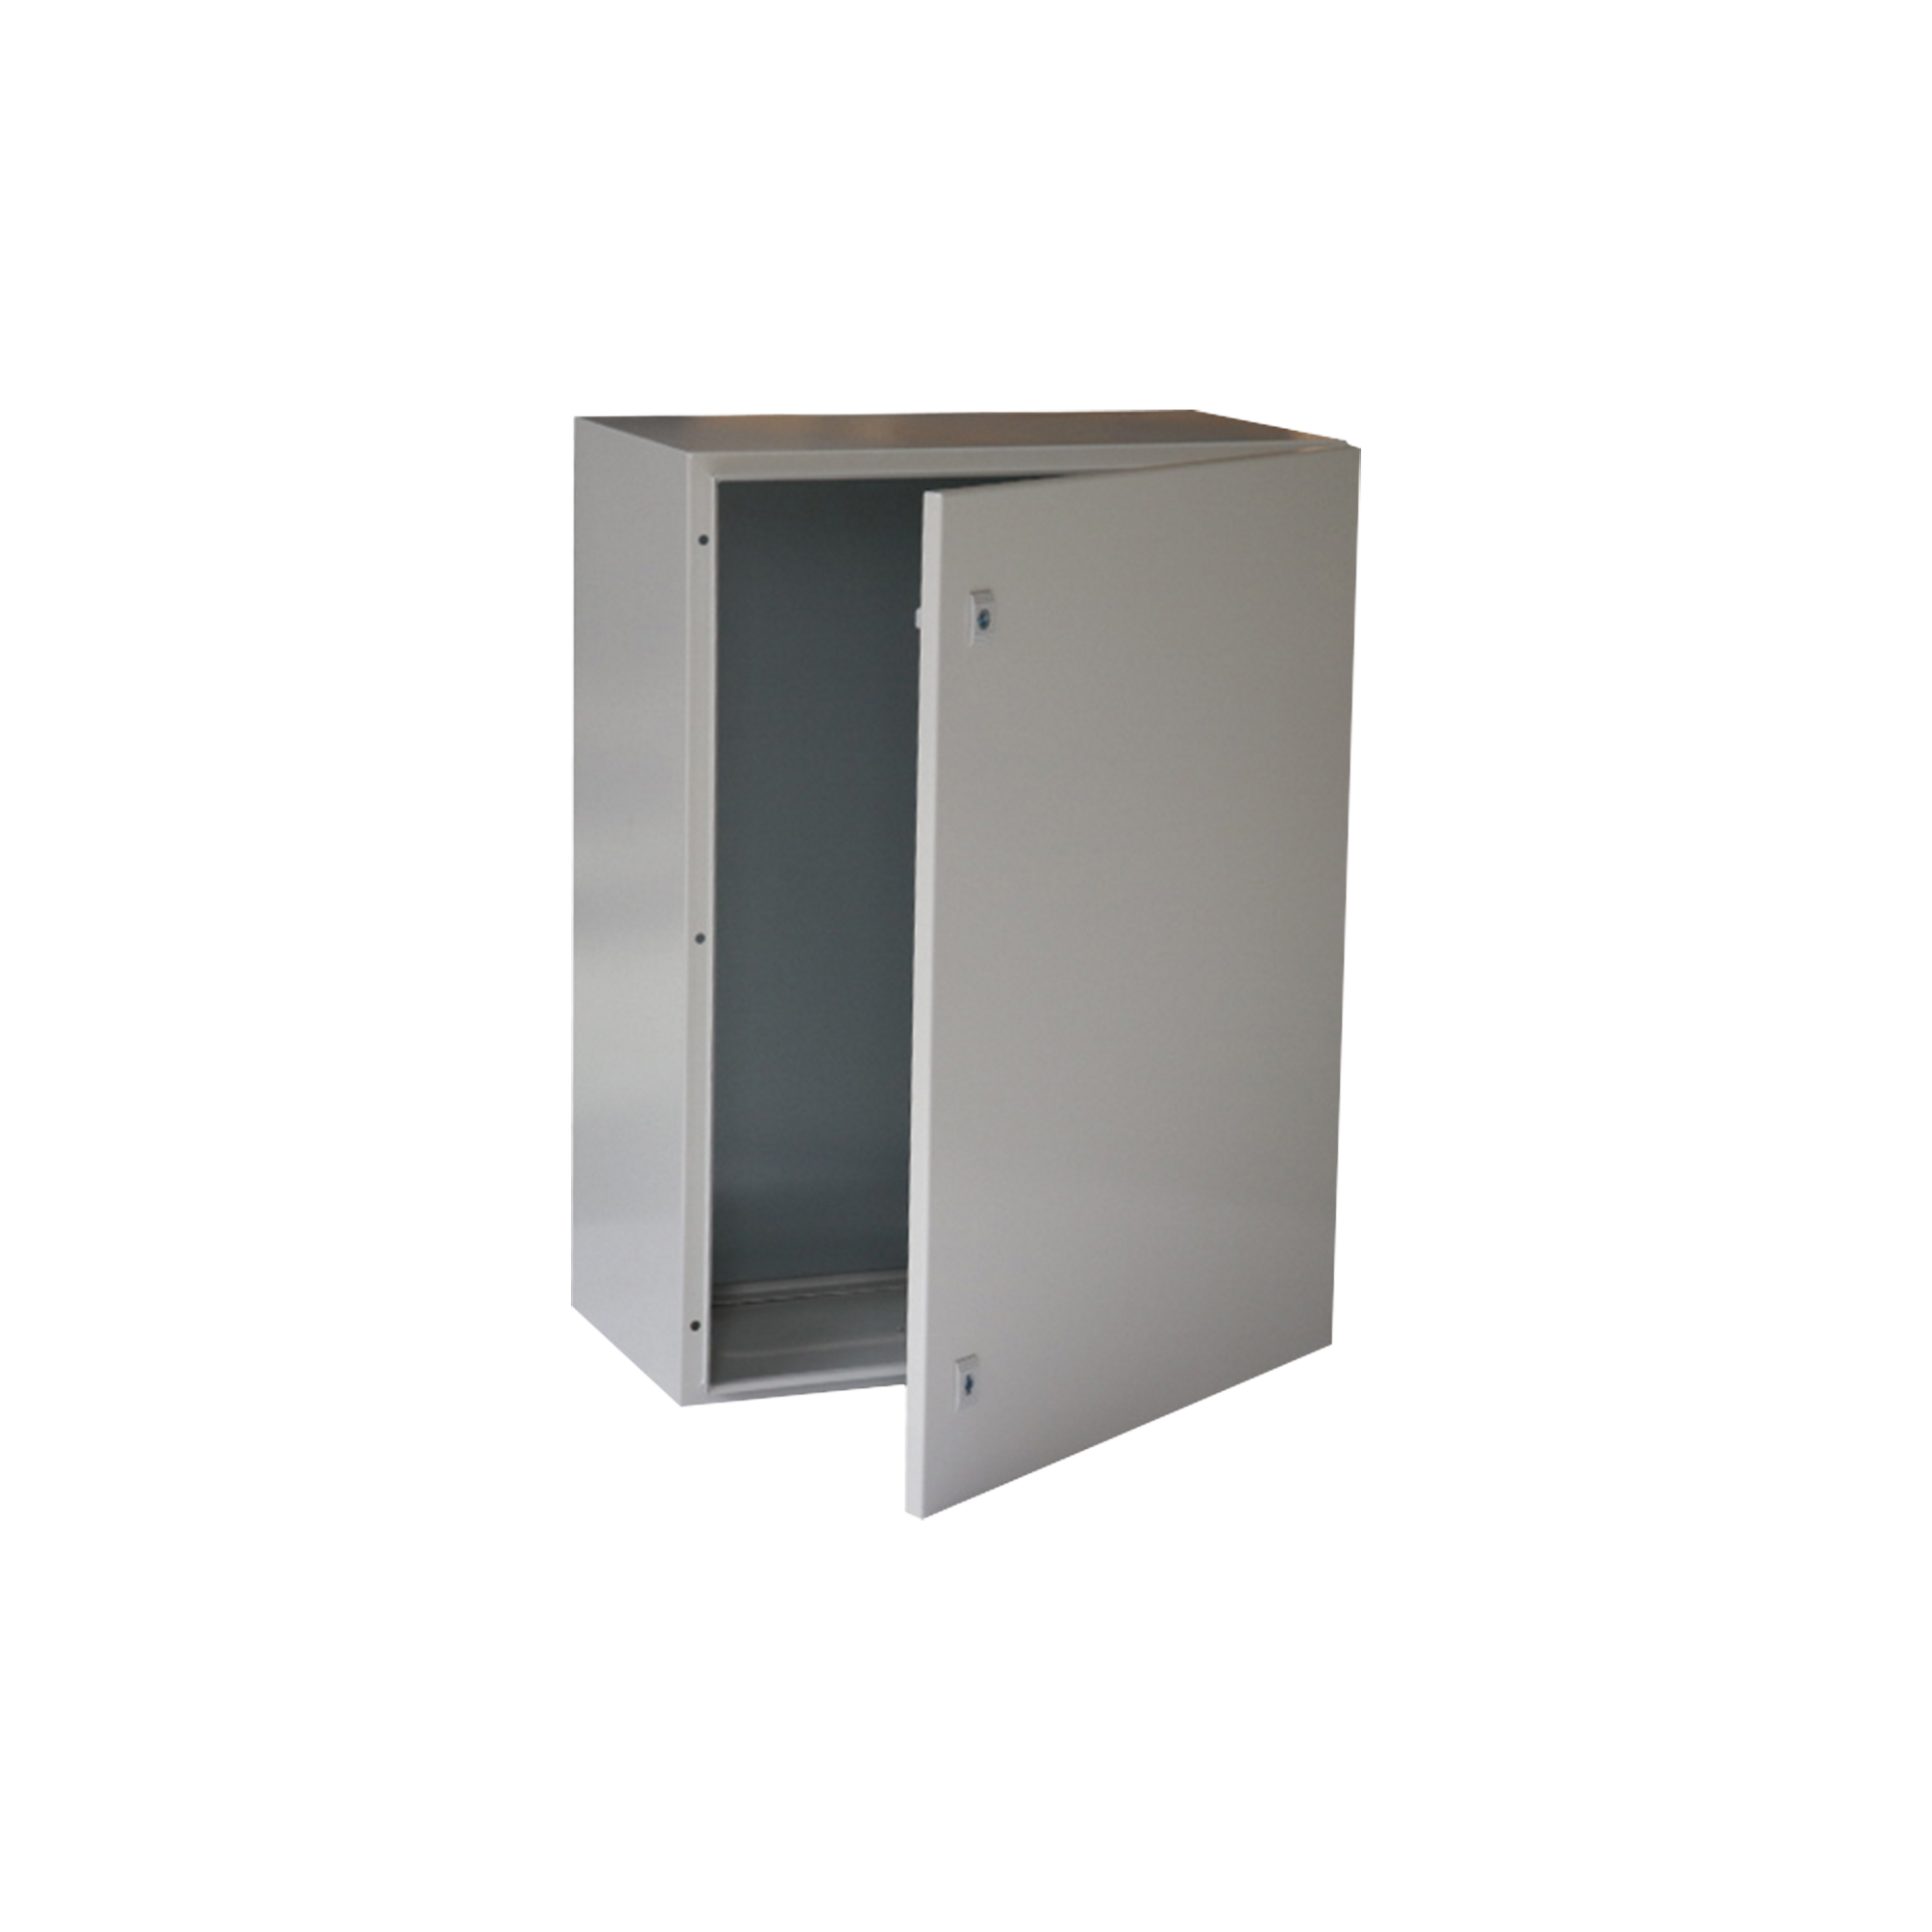 Gabinete de Acero IP66 Uso en Intemperie (600 x 800 x 300 mm) con Placa Trasera Interior y Compuerta Inferior Atornillable (Incluye Chapa y Llave).